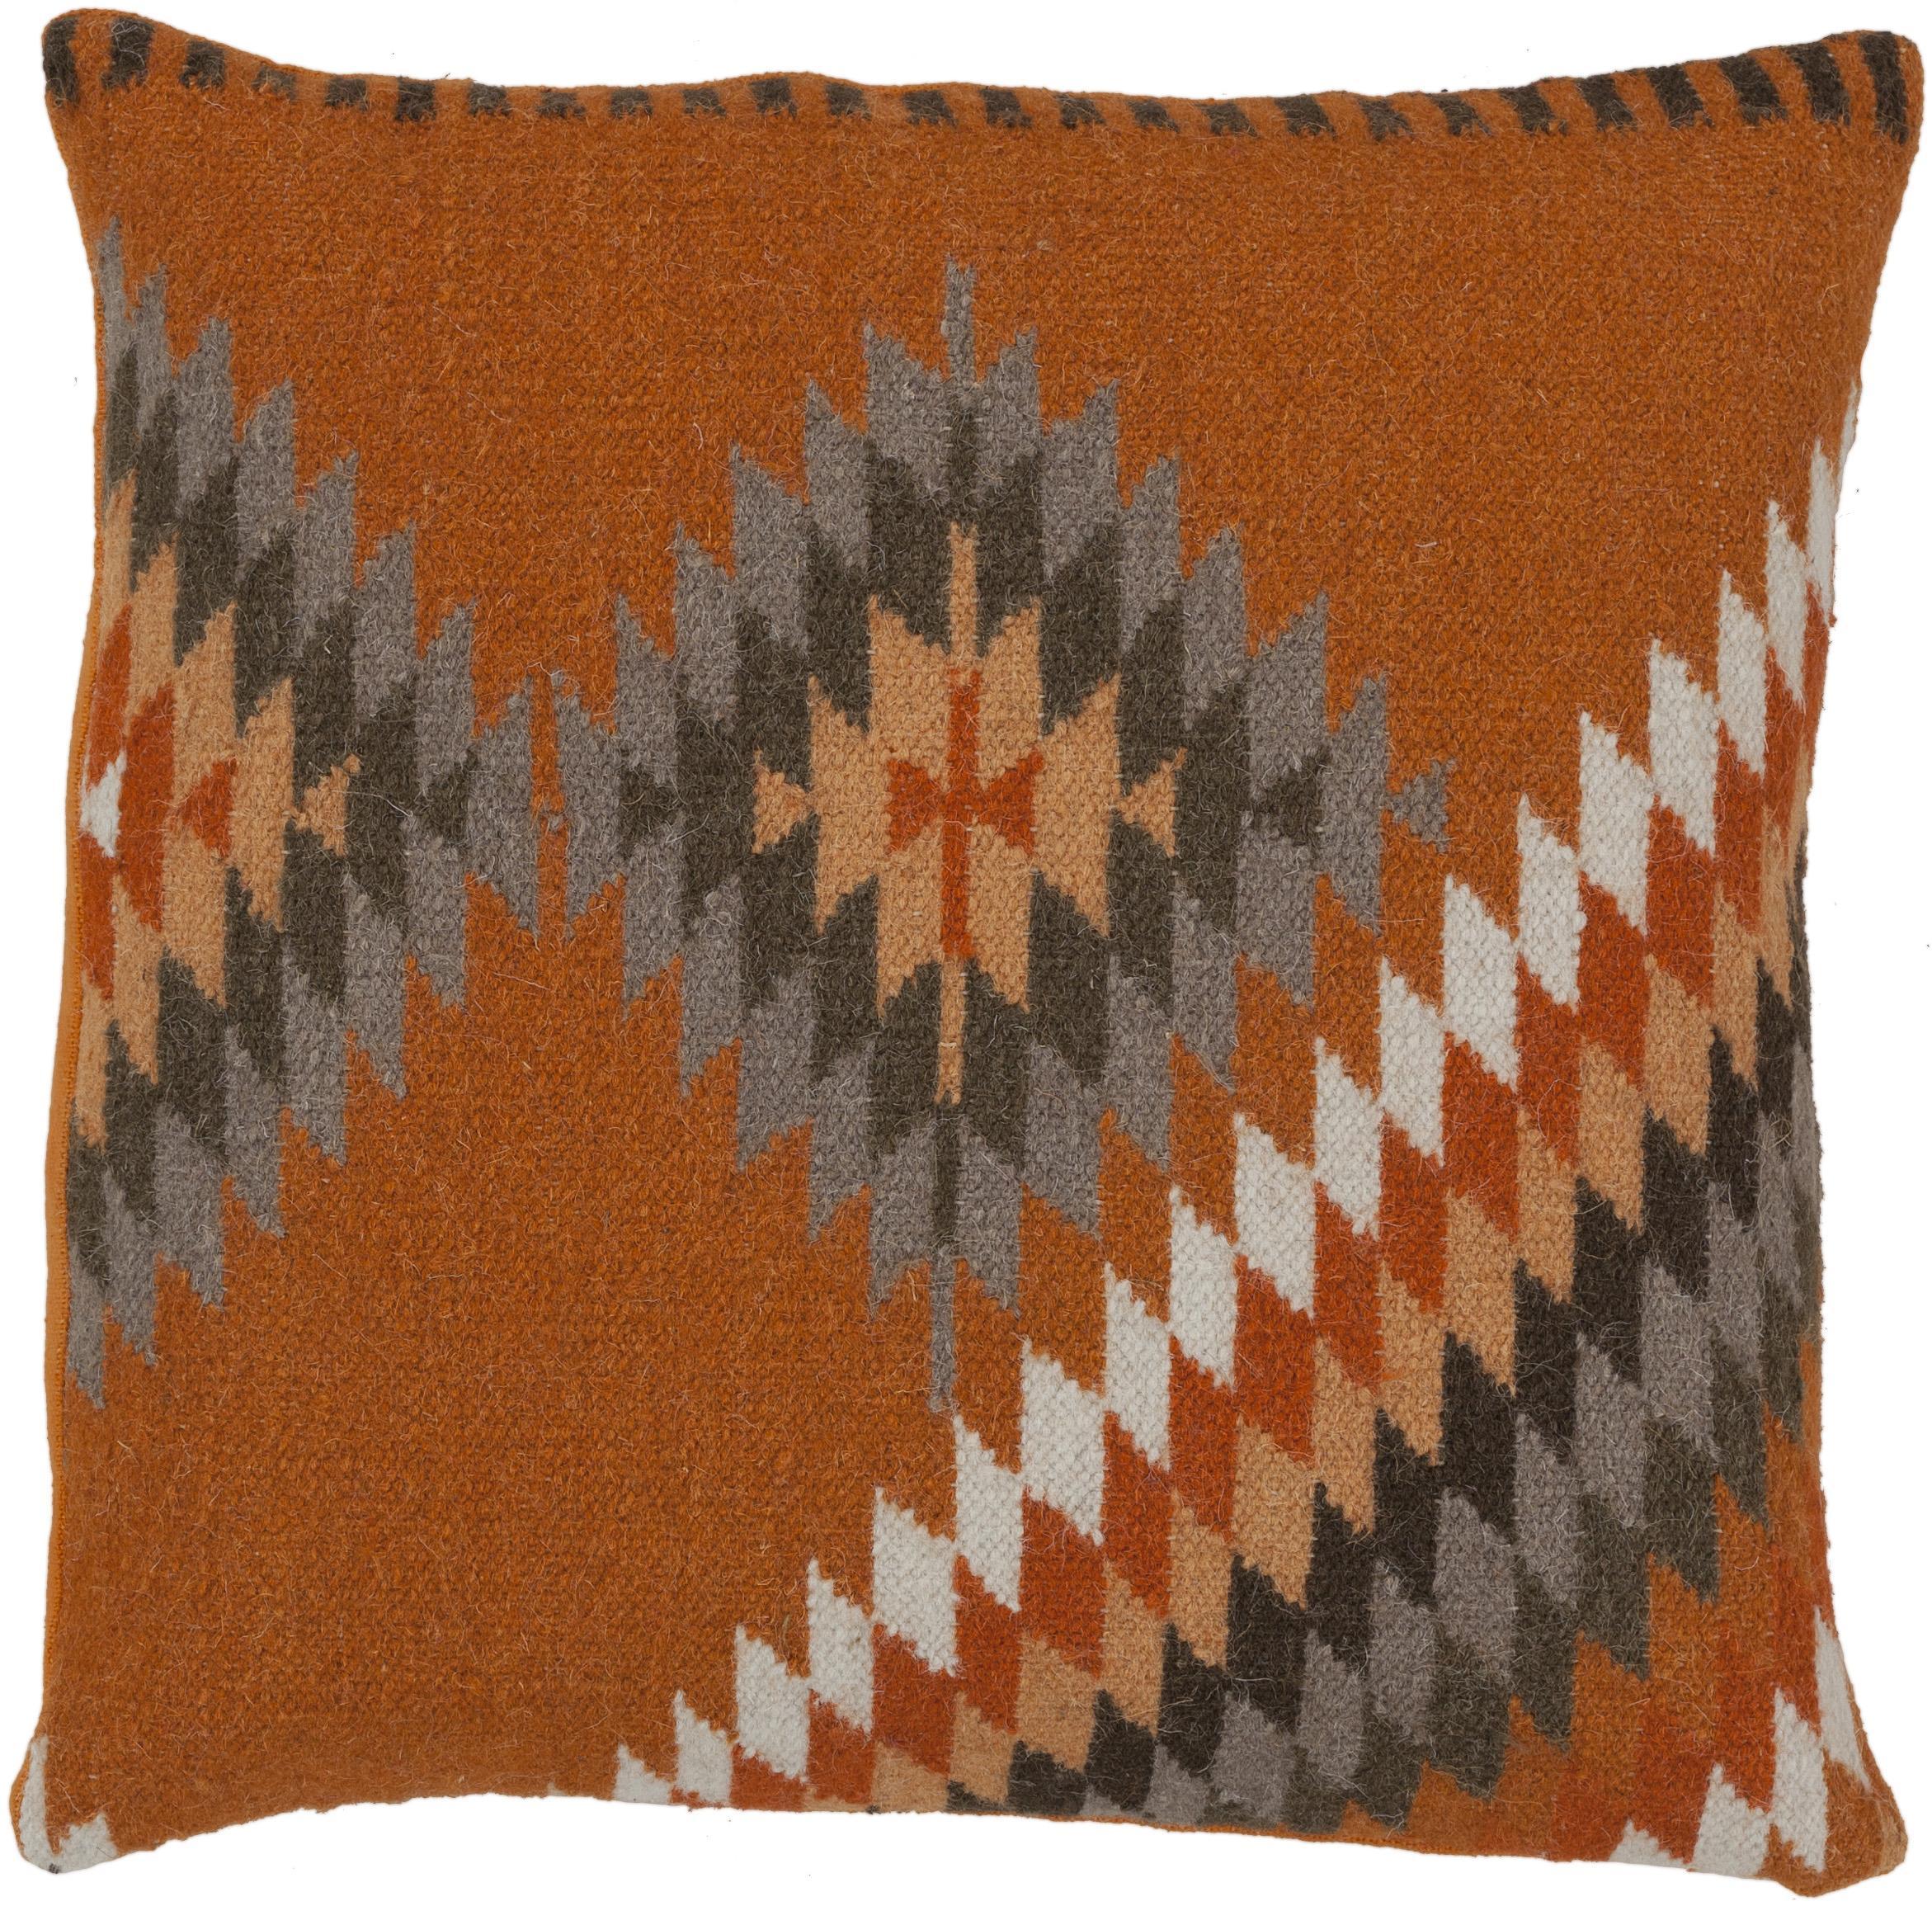 """Surya Rugs Pillows 20"""" x 20"""" Pillow - Item Number: LD037-2020P"""